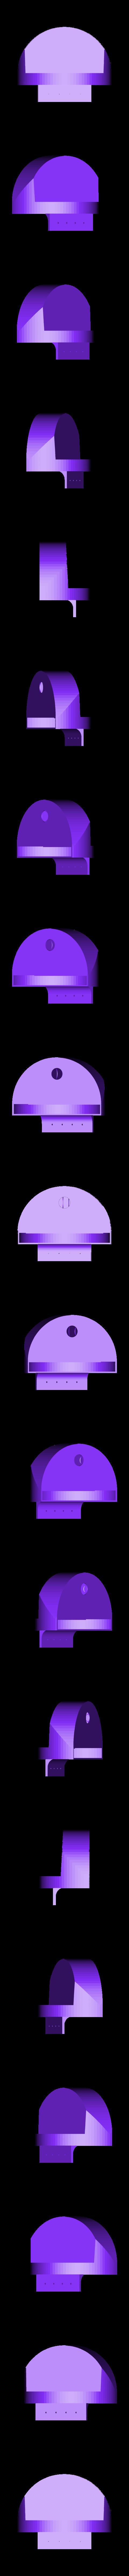 tank.stl Télécharger fichier STL gratuit La machine à bulles de bicyclette • Objet pour imprimante 3D, Istareyn